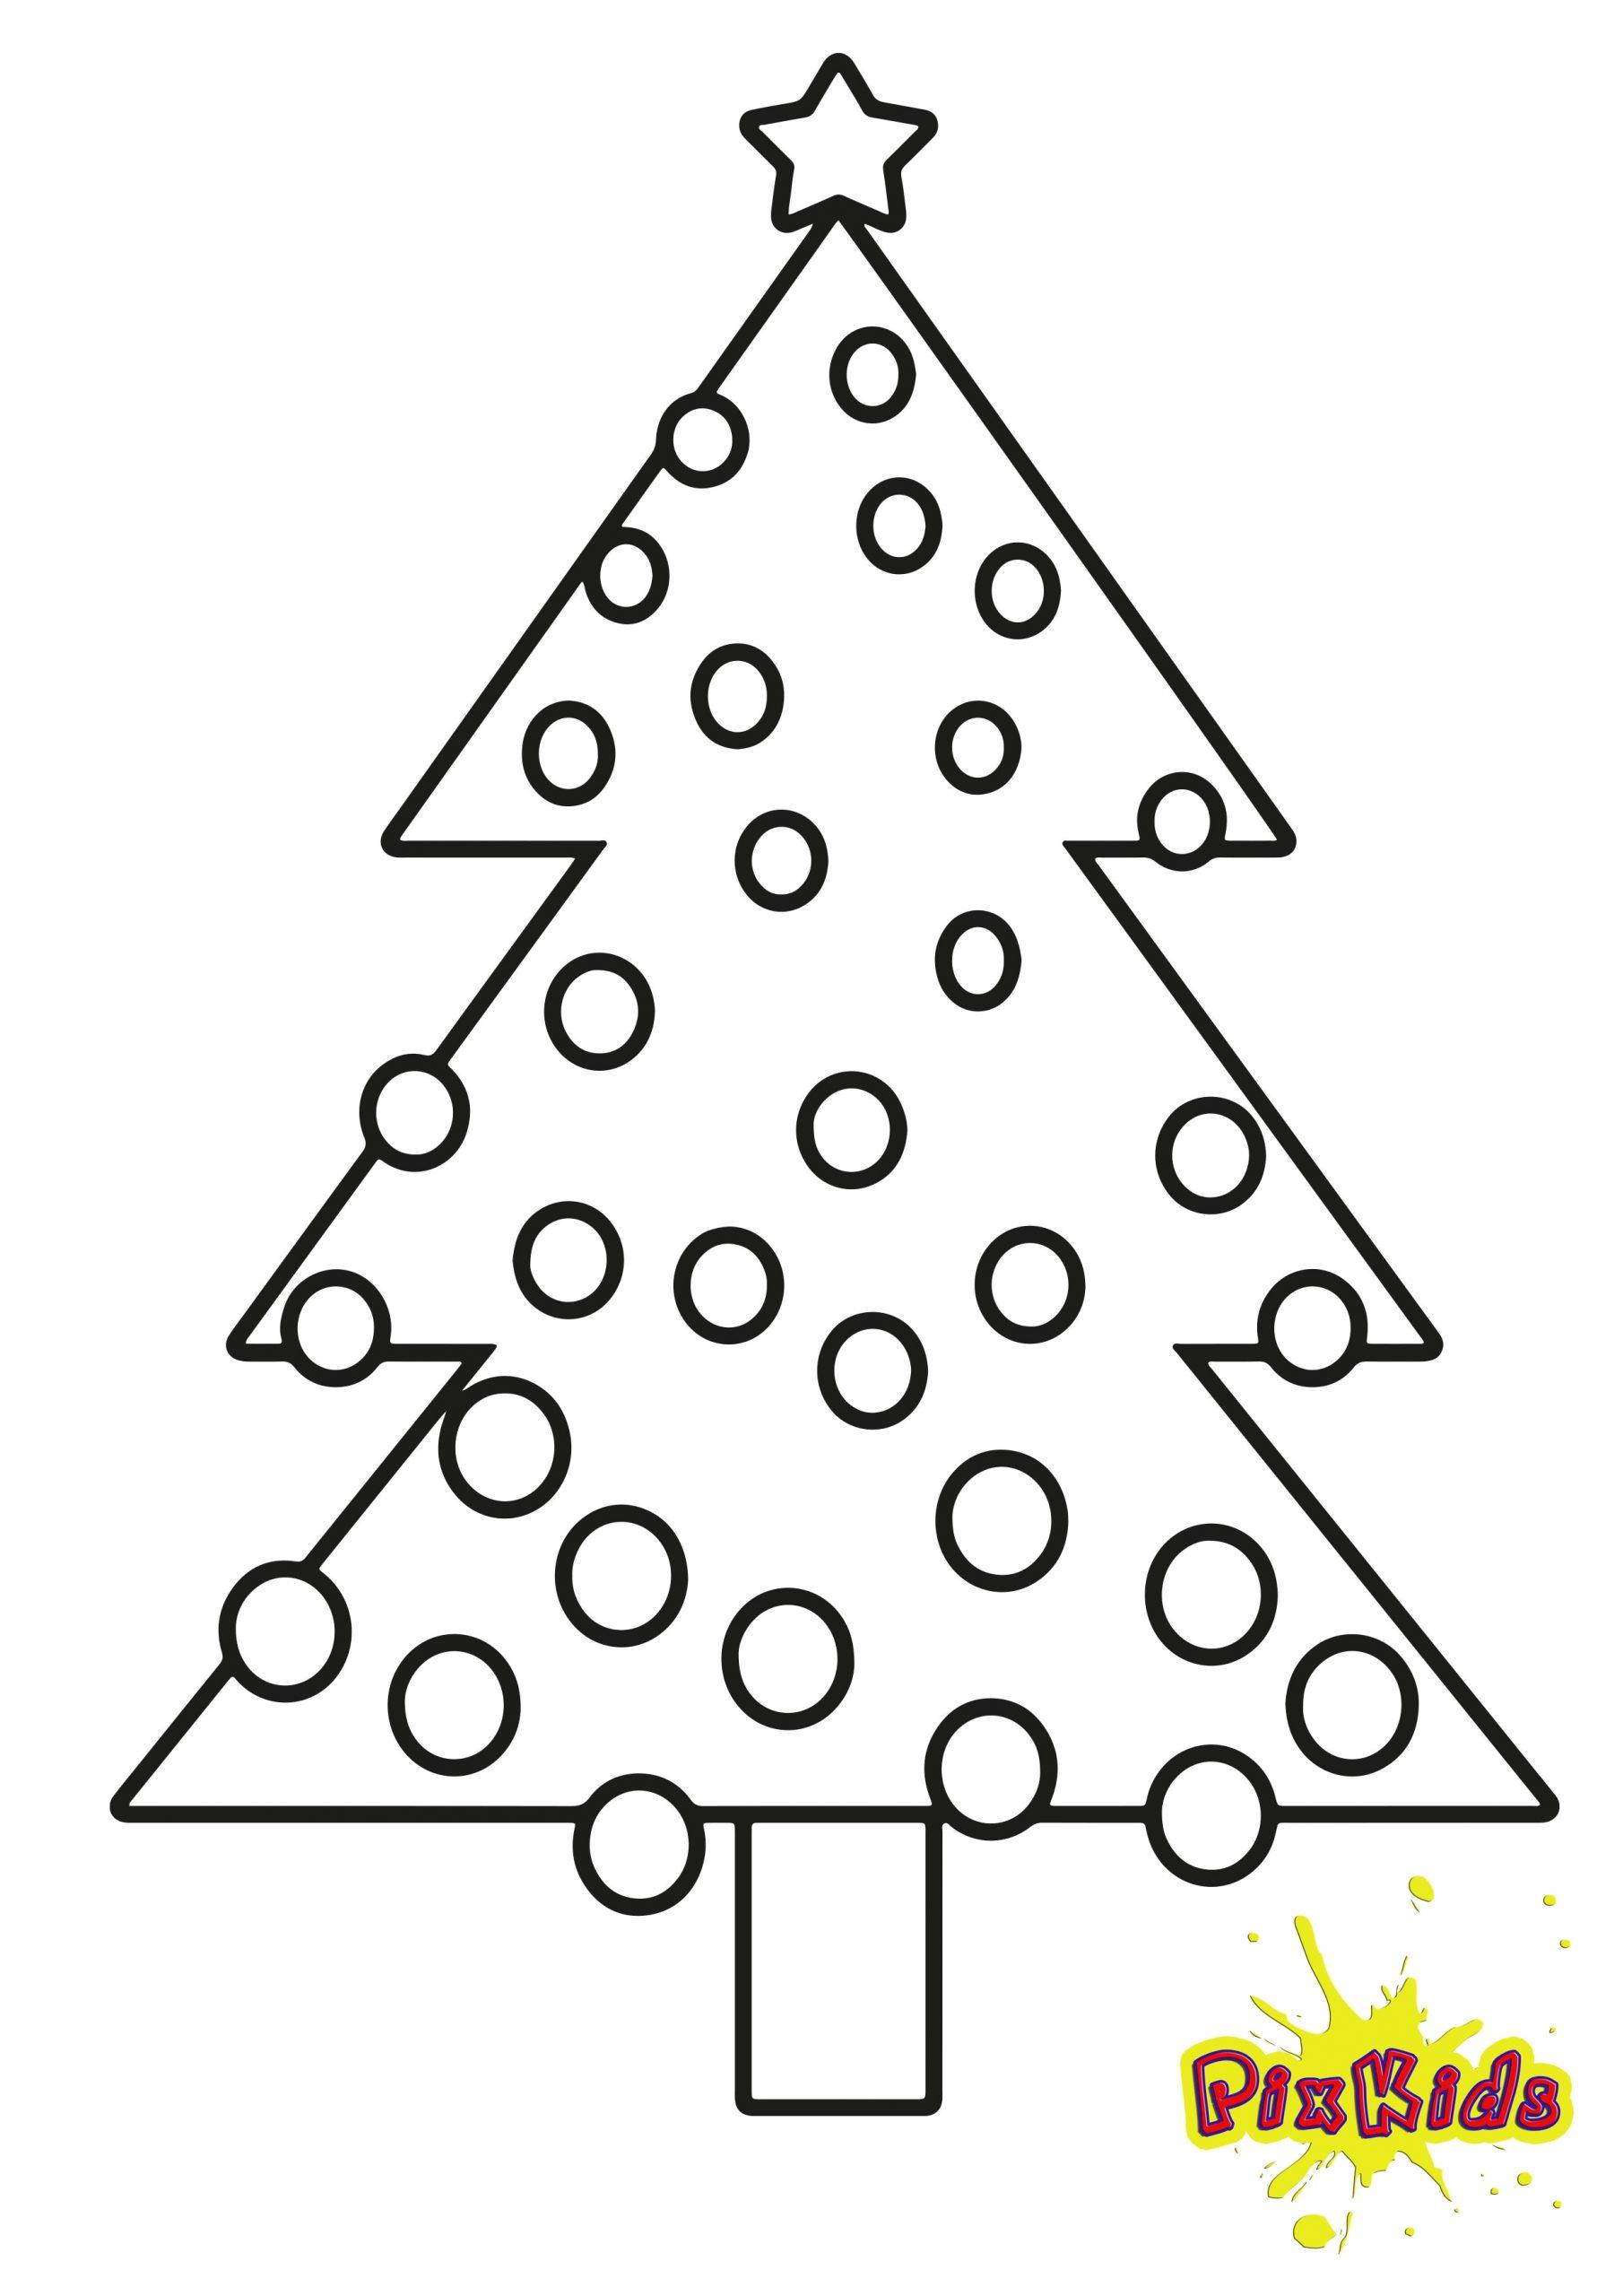 Weihnachten Archive - Kostenlose Malvorlagen innen Ausmalbild Weihnachten Kostenlos